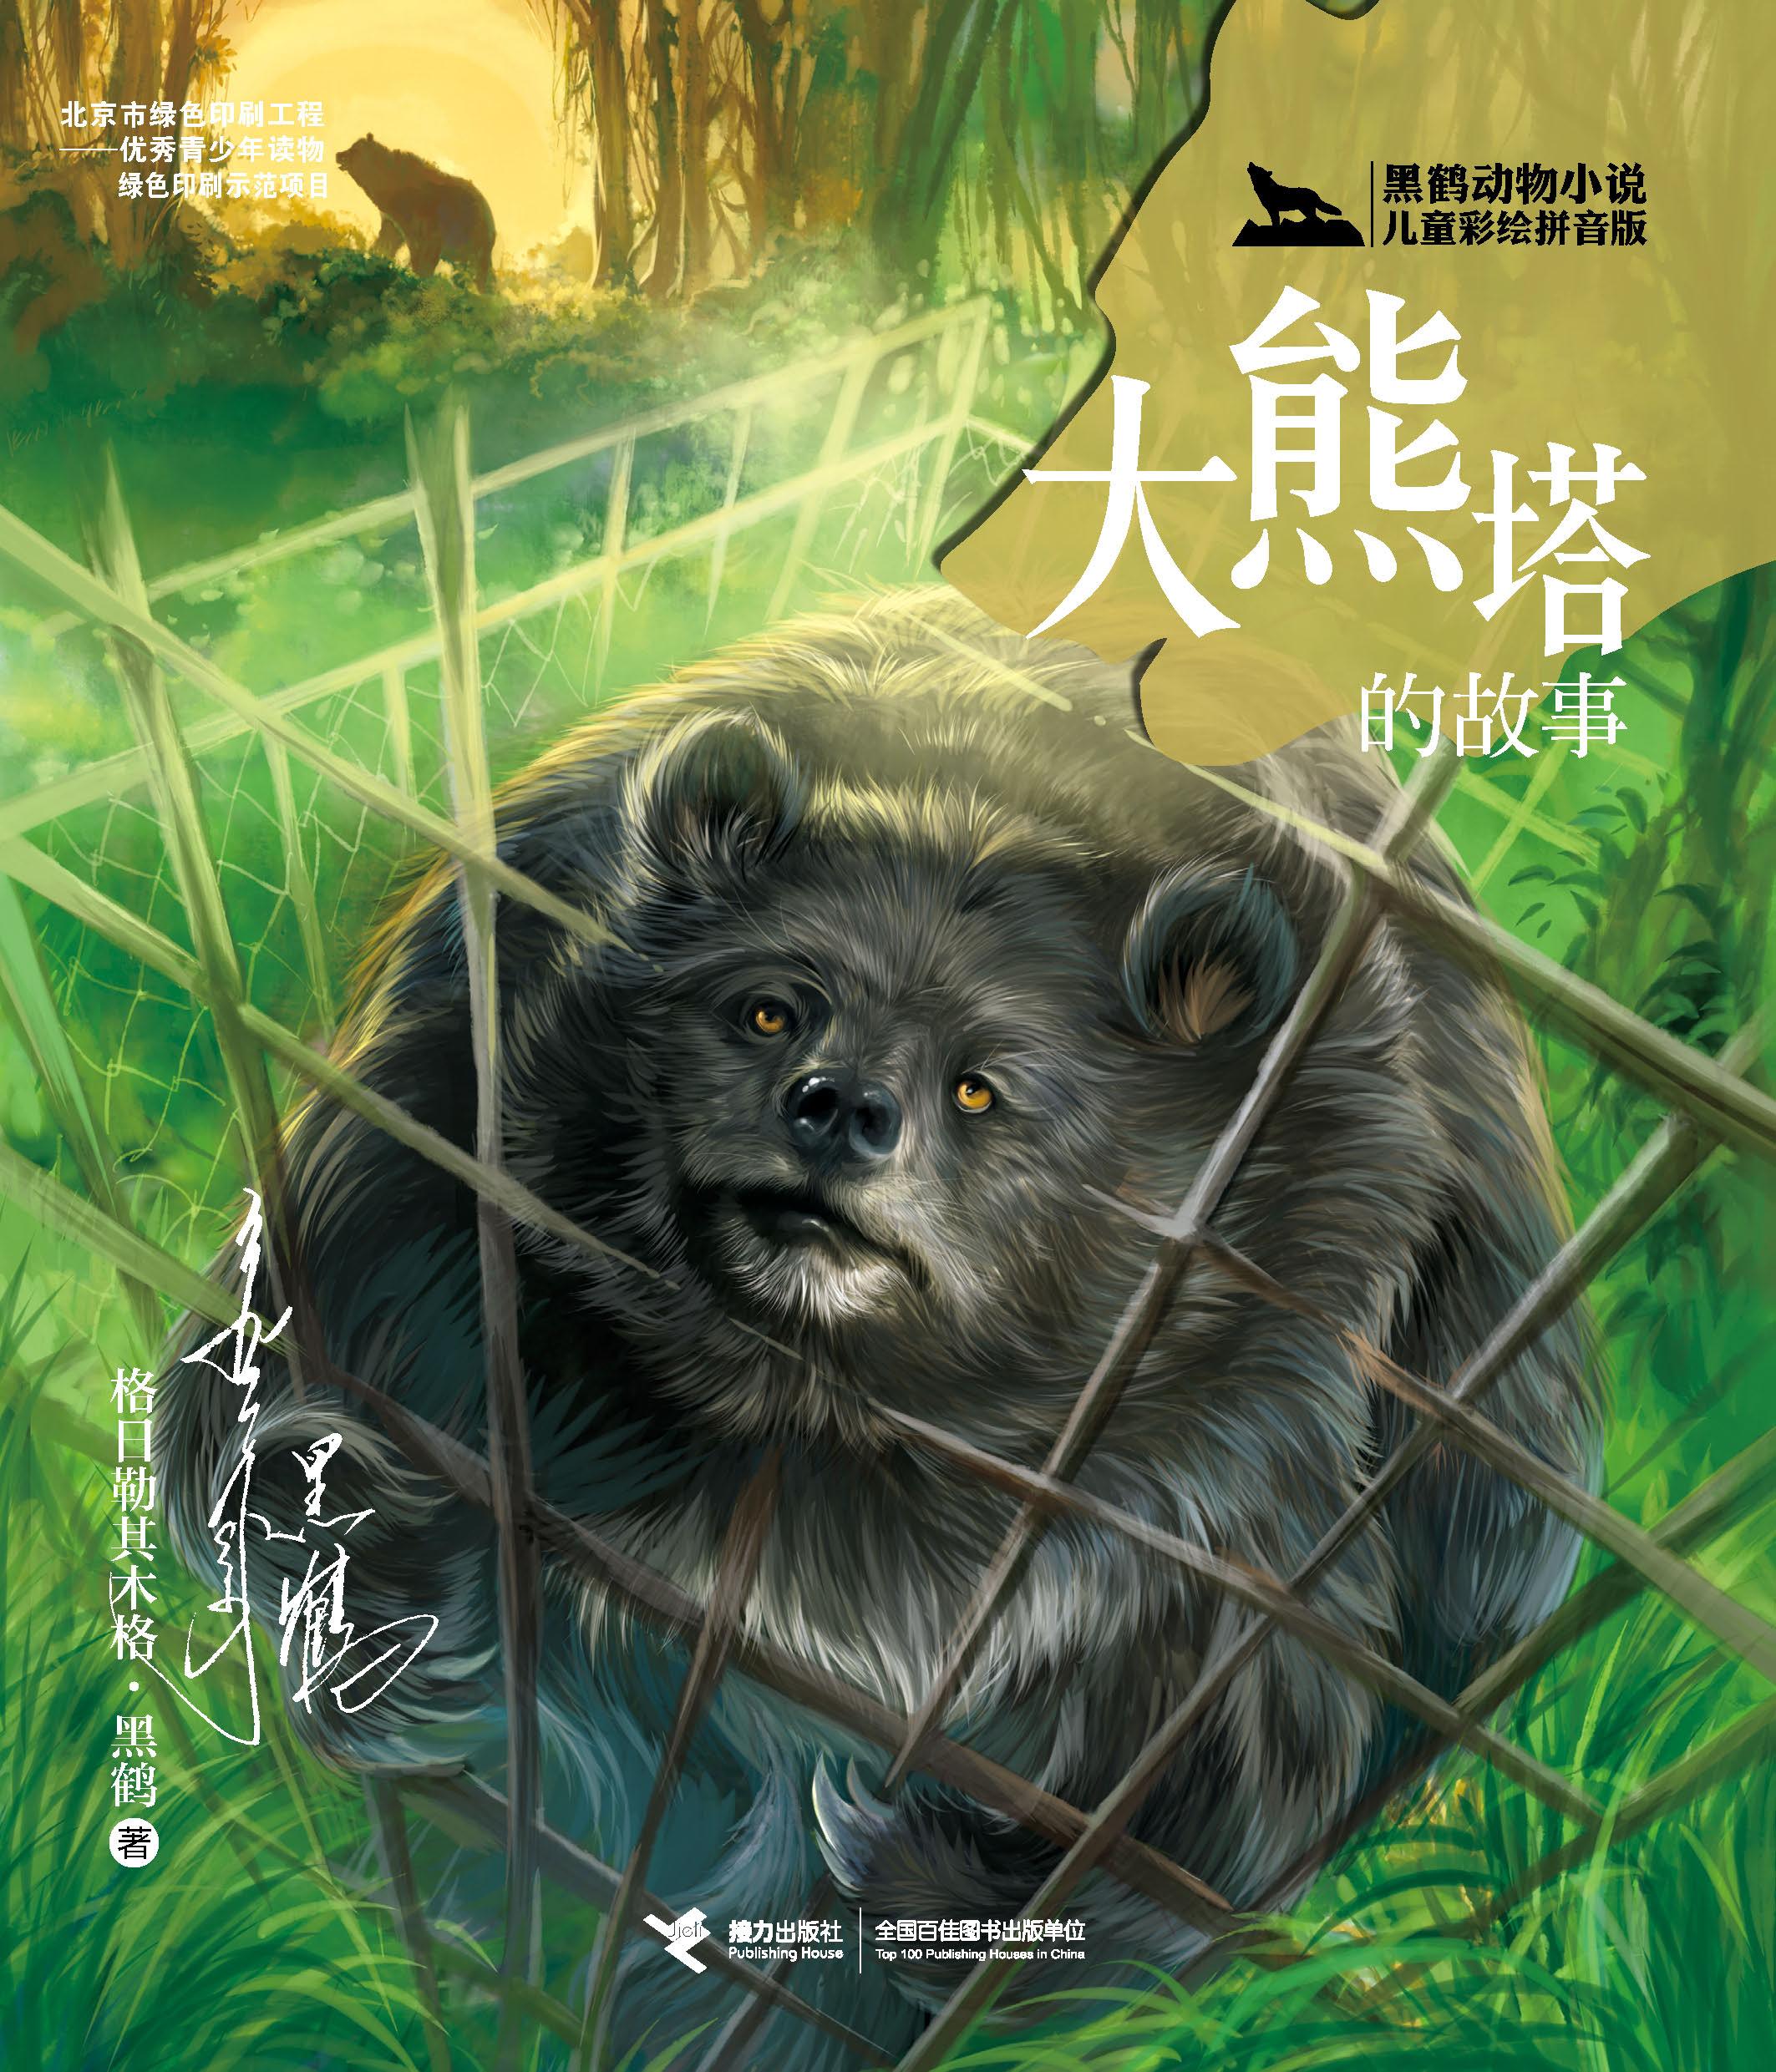 大熊塔的故事